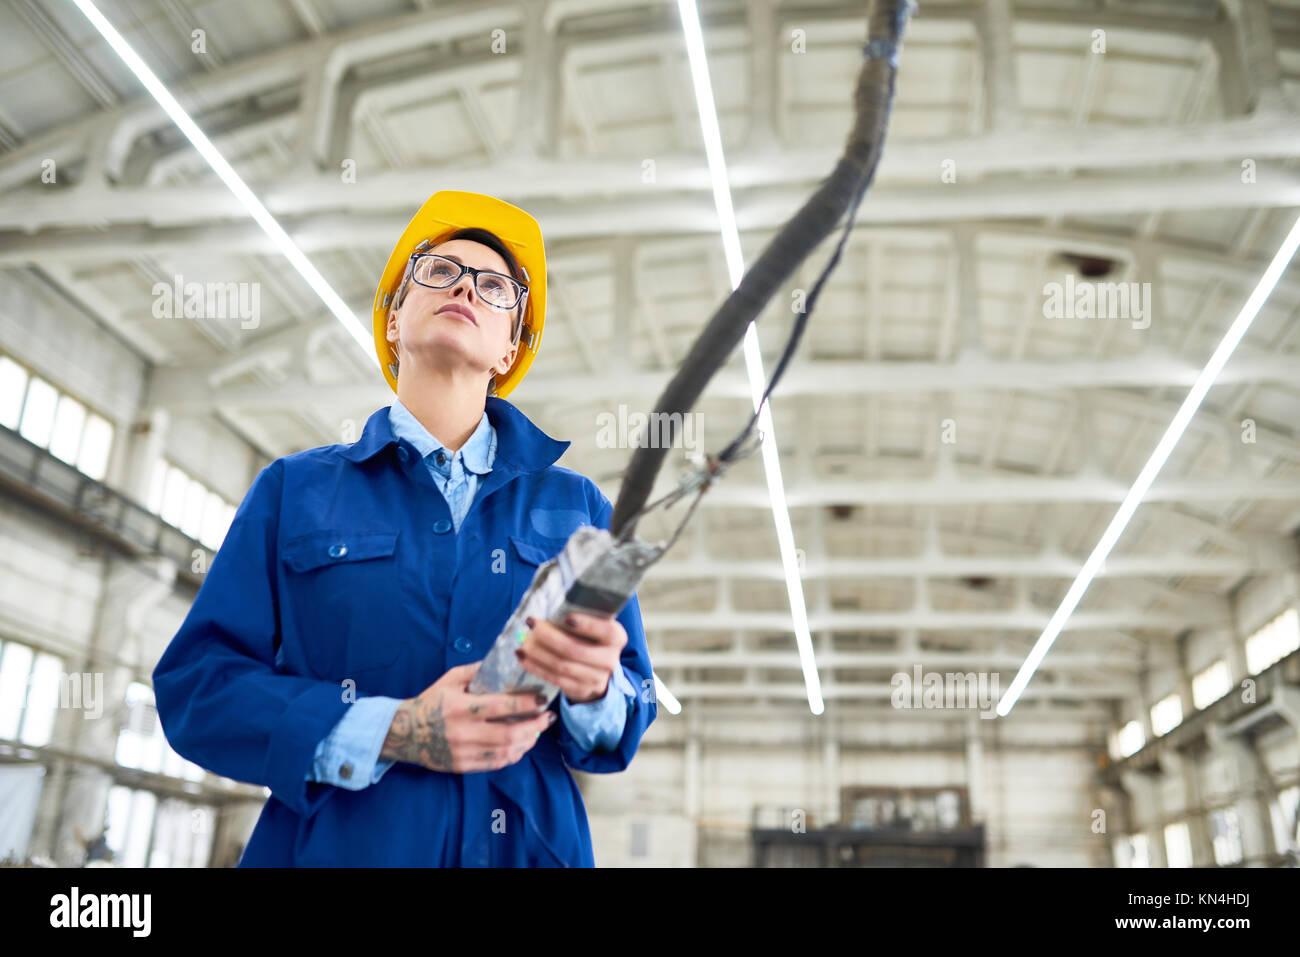 Retrato de bastante Operador de máquina en el trabajo Imagen De Stock